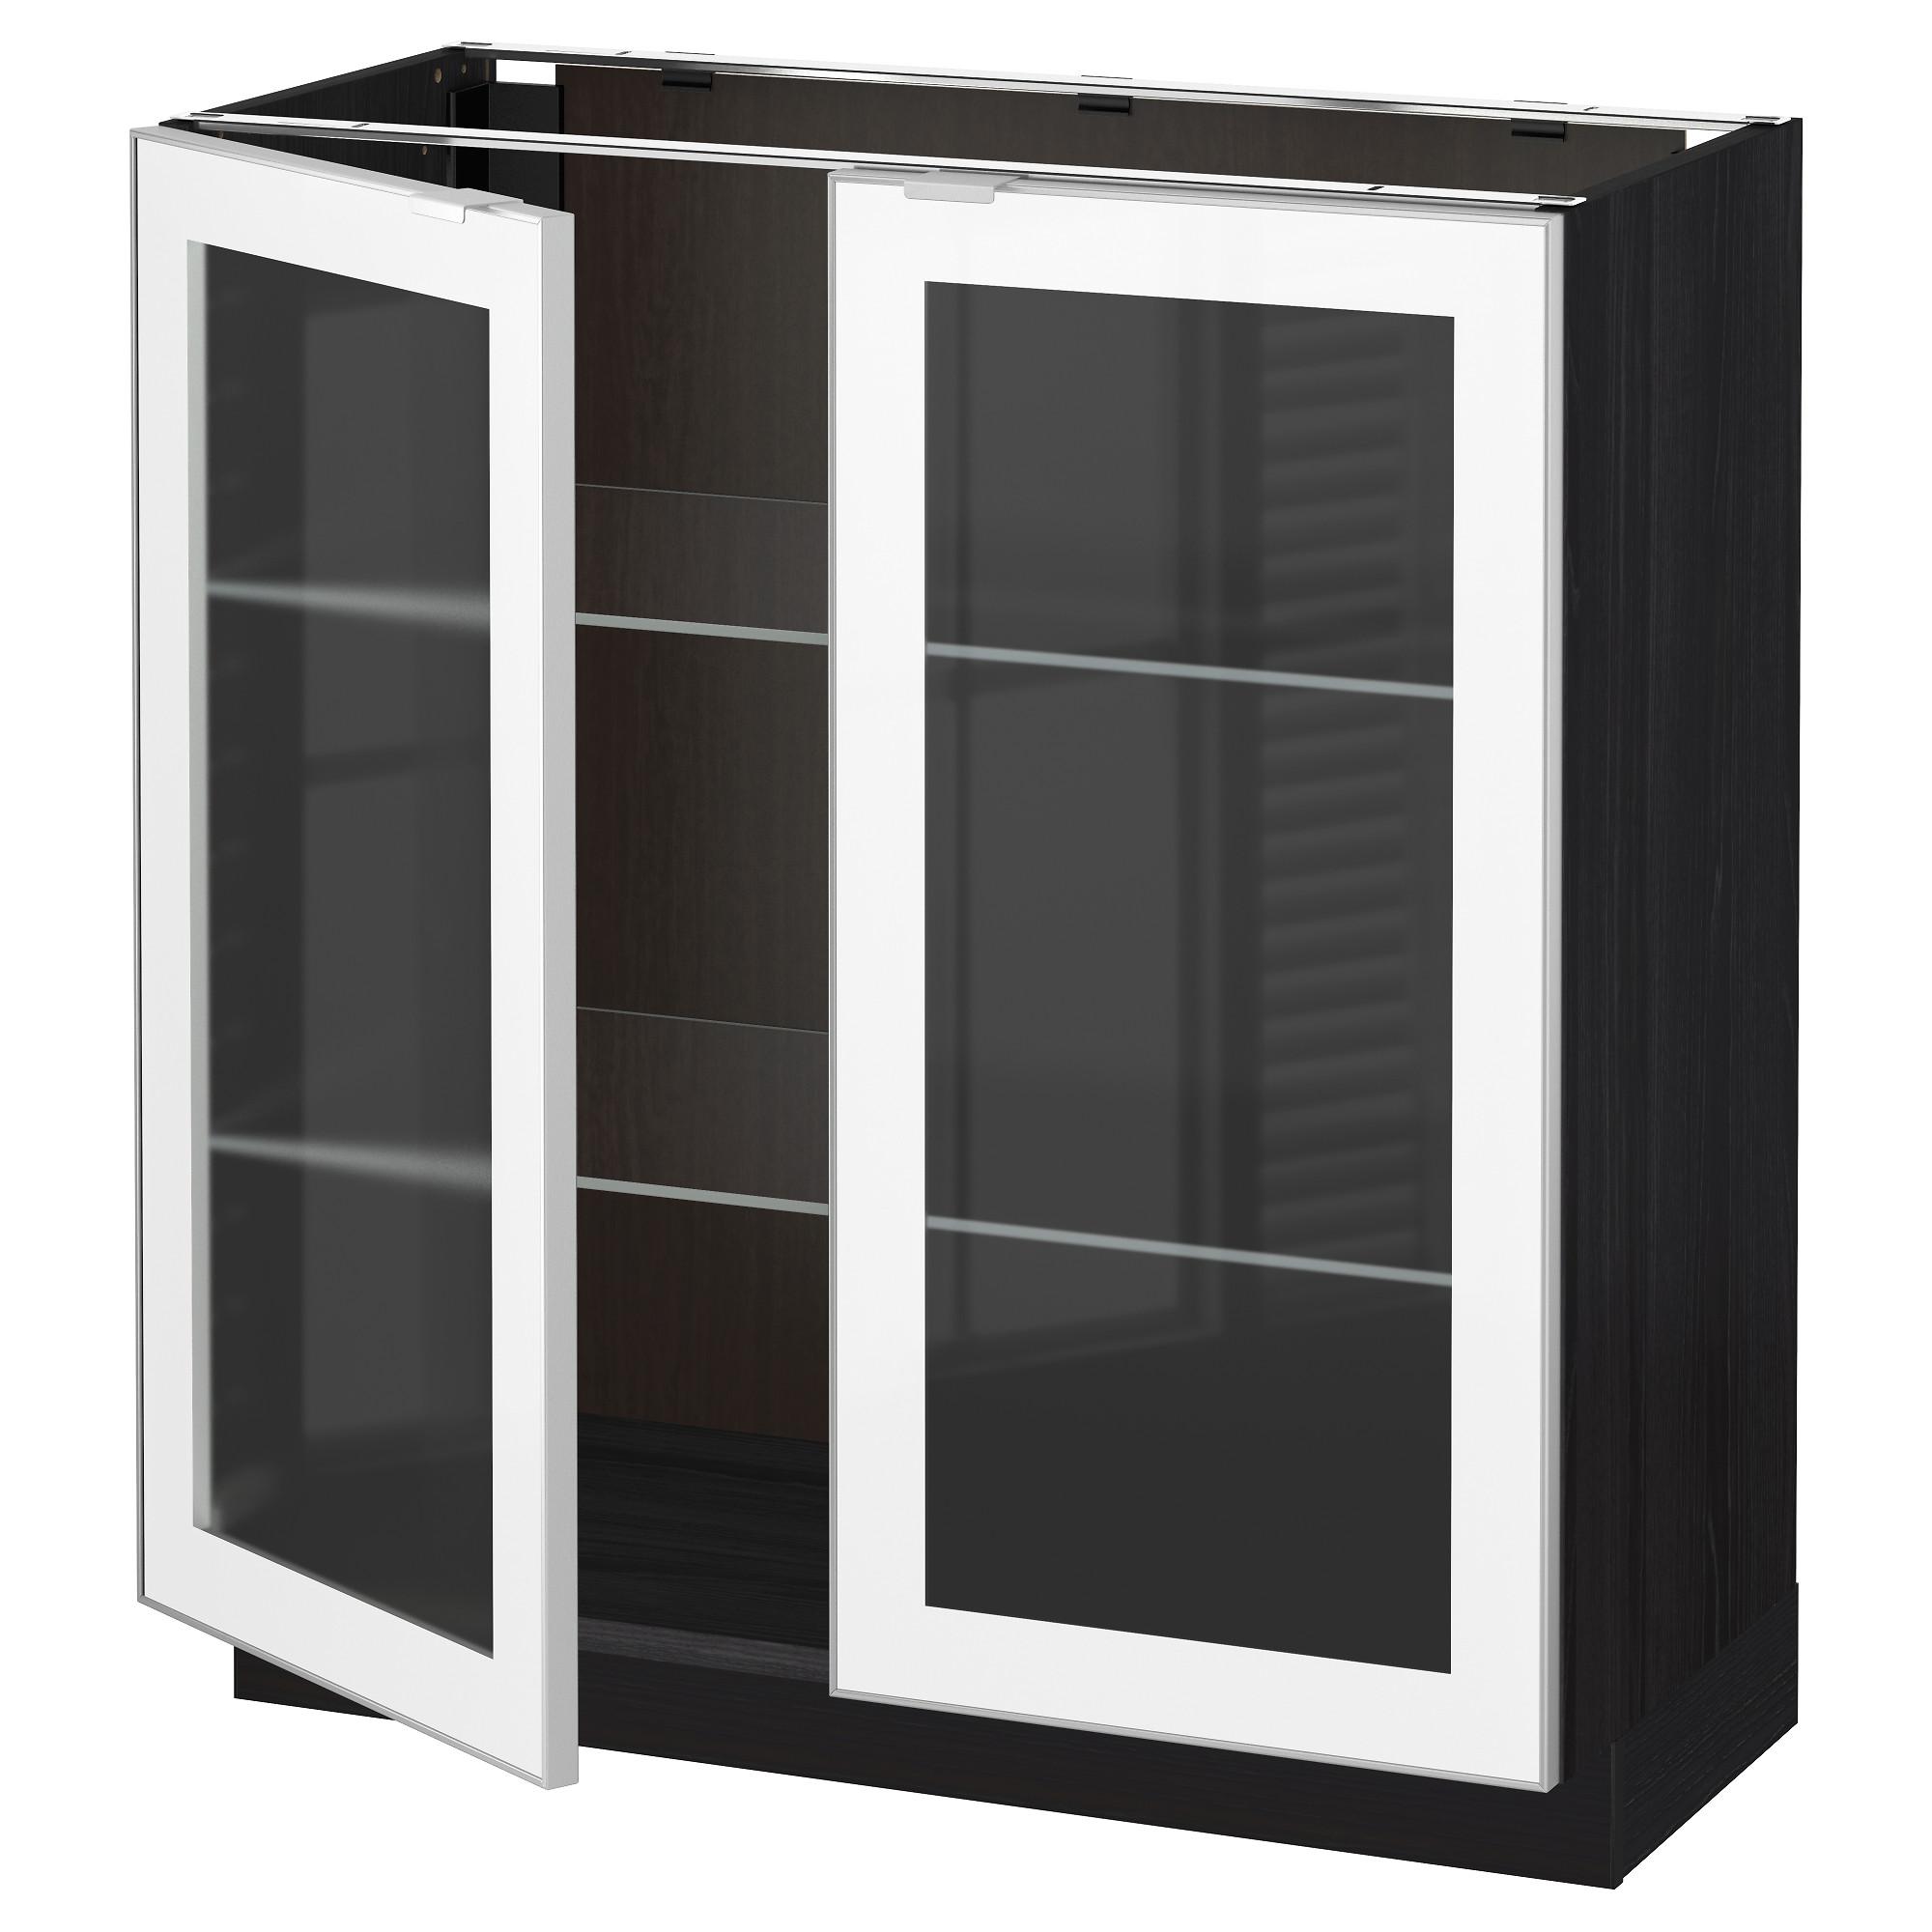 Напольный шкаф с 2 стекло дверцами МЕТОД черный артикуль № 092.384.08 в наличии. Онлайн каталог IKEA Беларусь. Недорогая доставка и соборка.